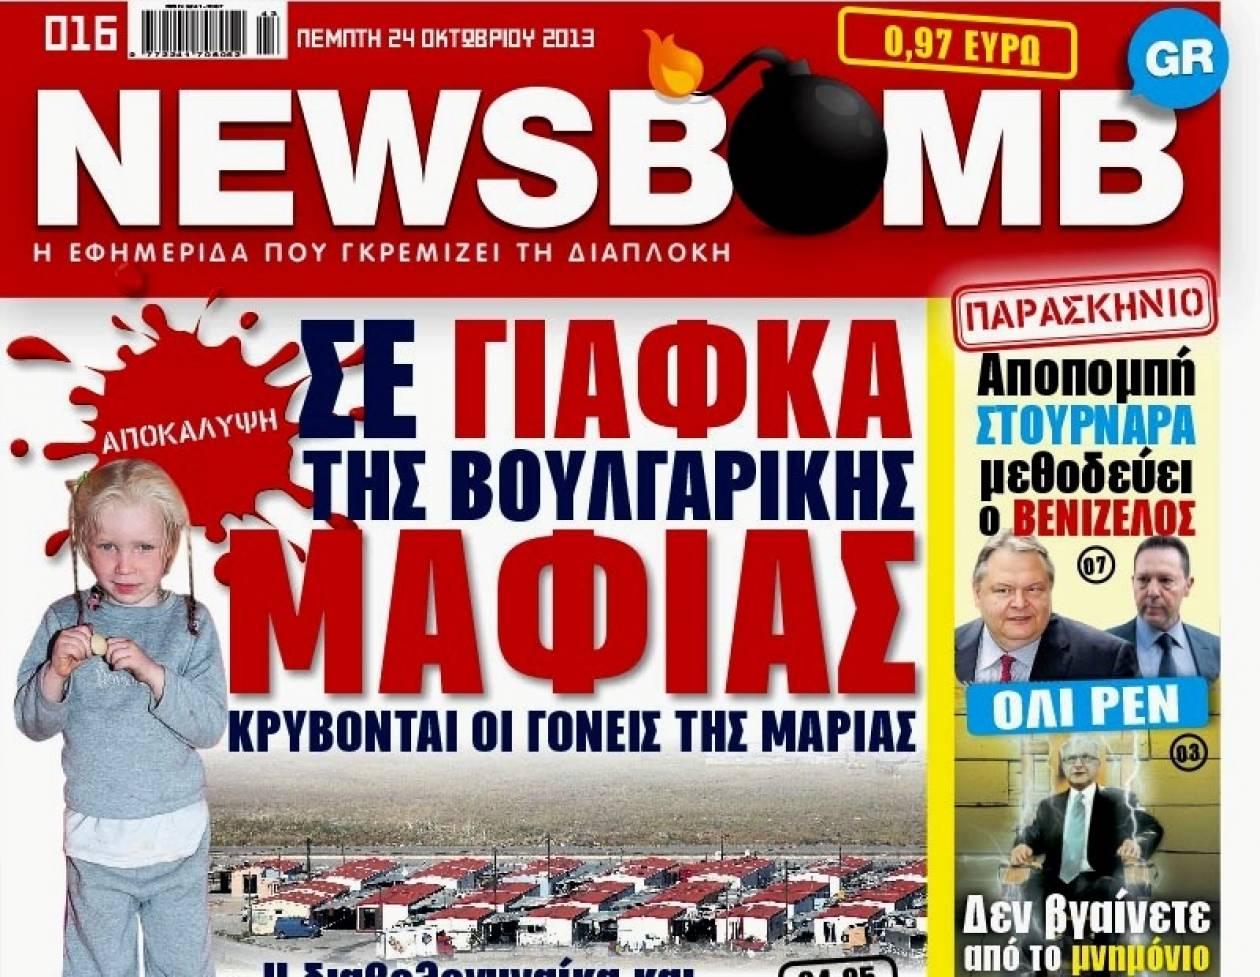 Δείτε το σημερινό πρωτοσέλιδο της εφημερίδας NEWSBOMB (24/10)